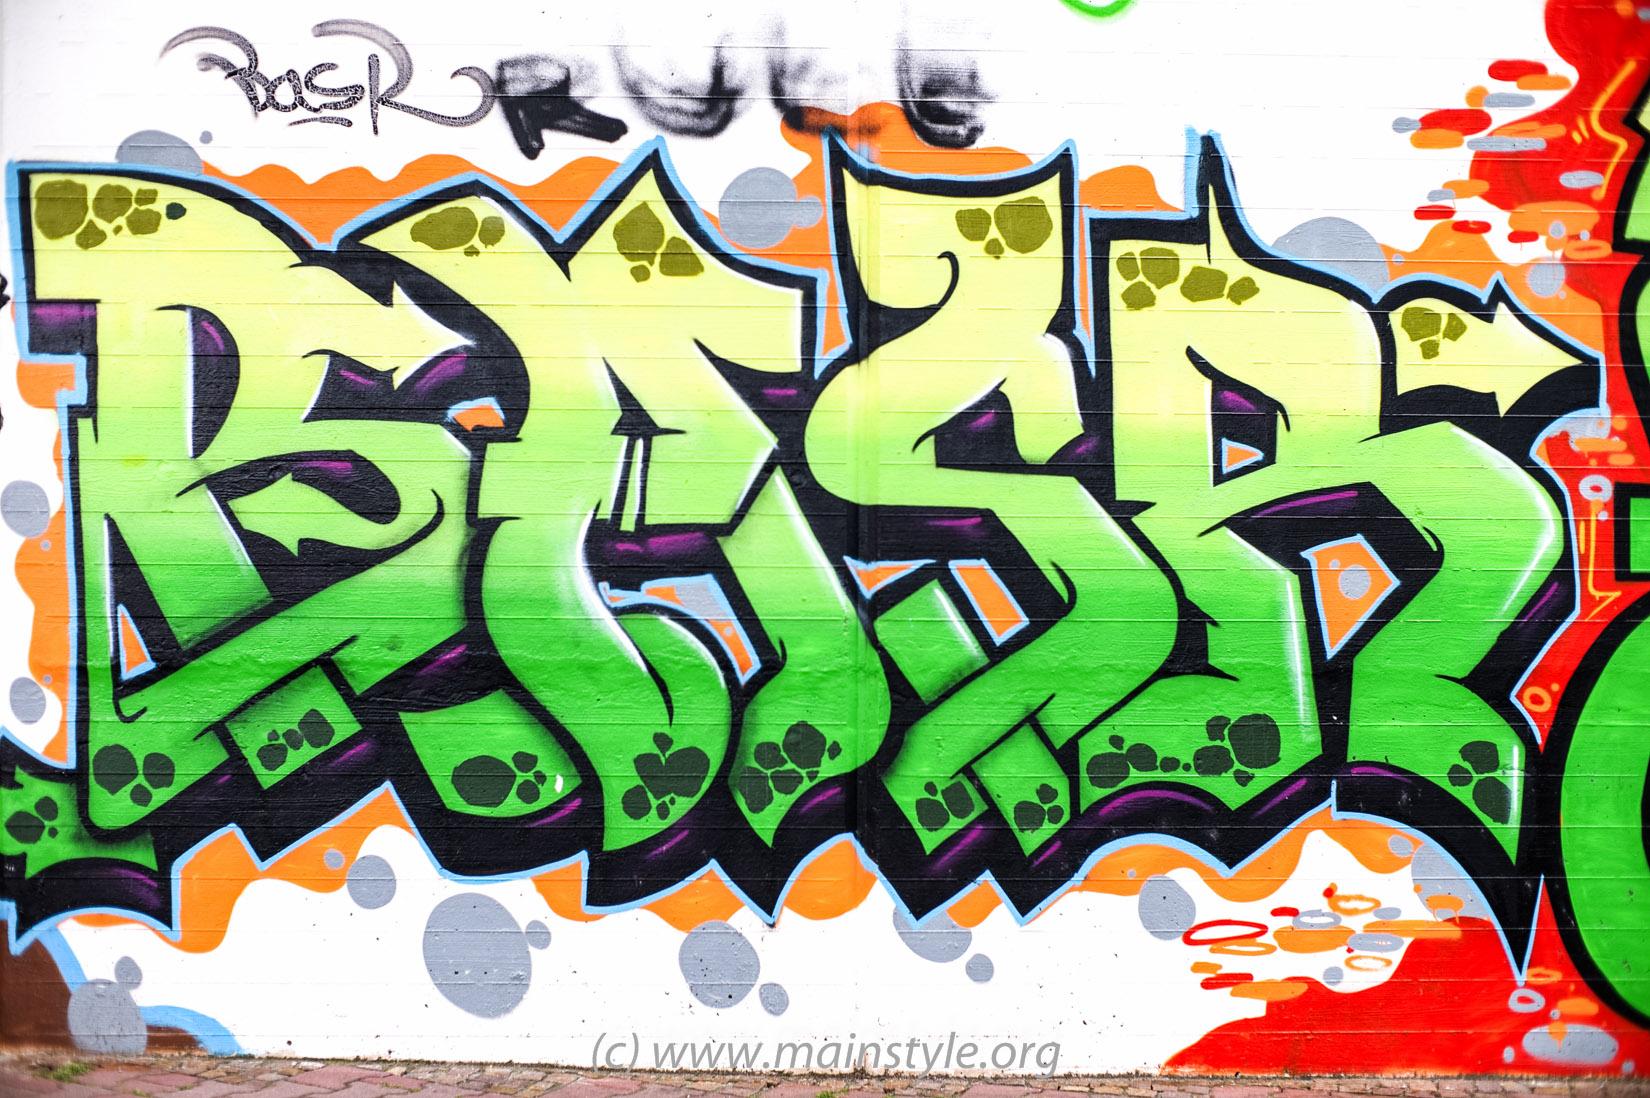 Frankfurt-Höchst_Graffiti_Süwag-Wall_2012 (3 von 35)